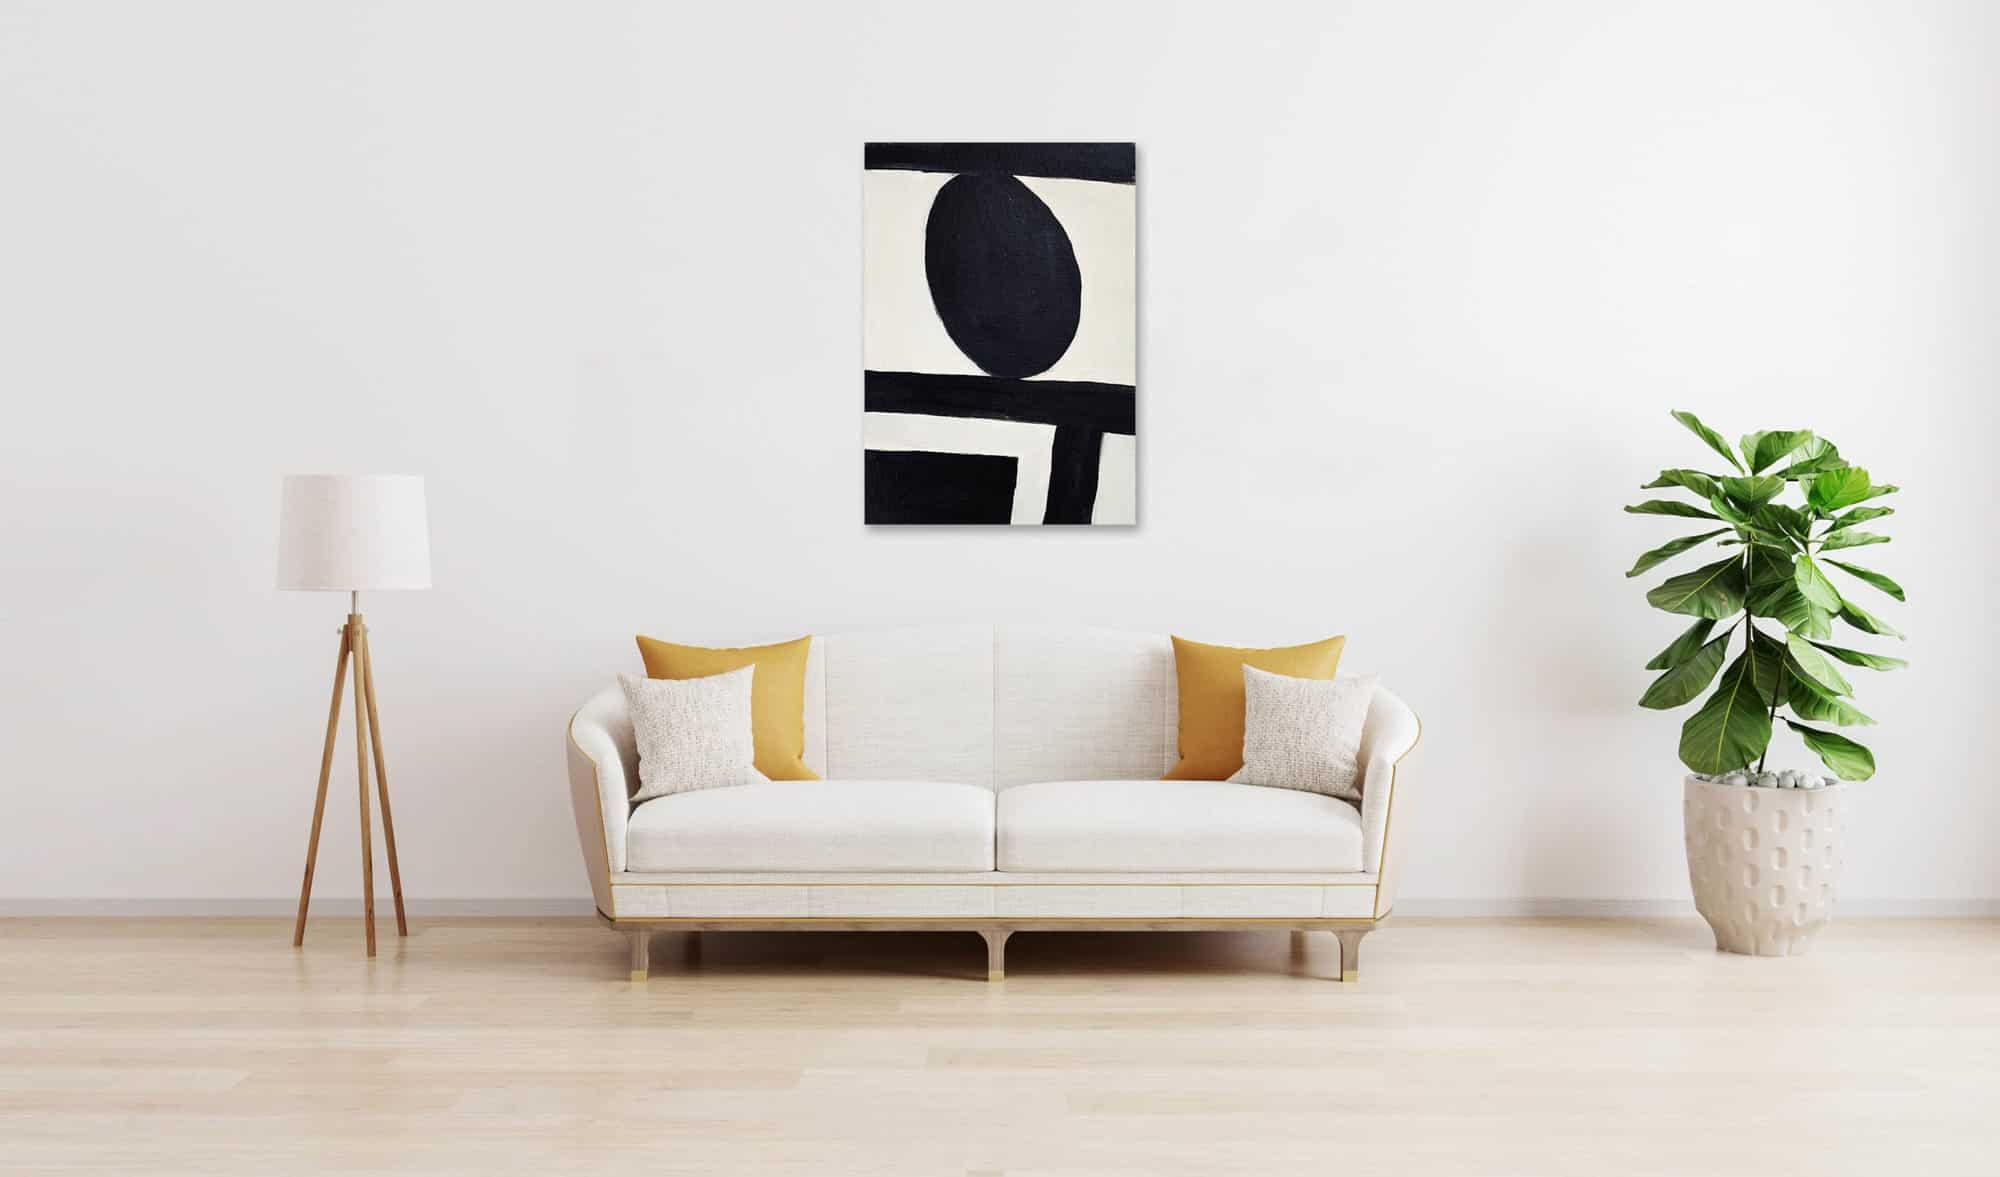 Ölgemälde auf Leinwand minimalistische Form Schwarz und Weiß wandbild